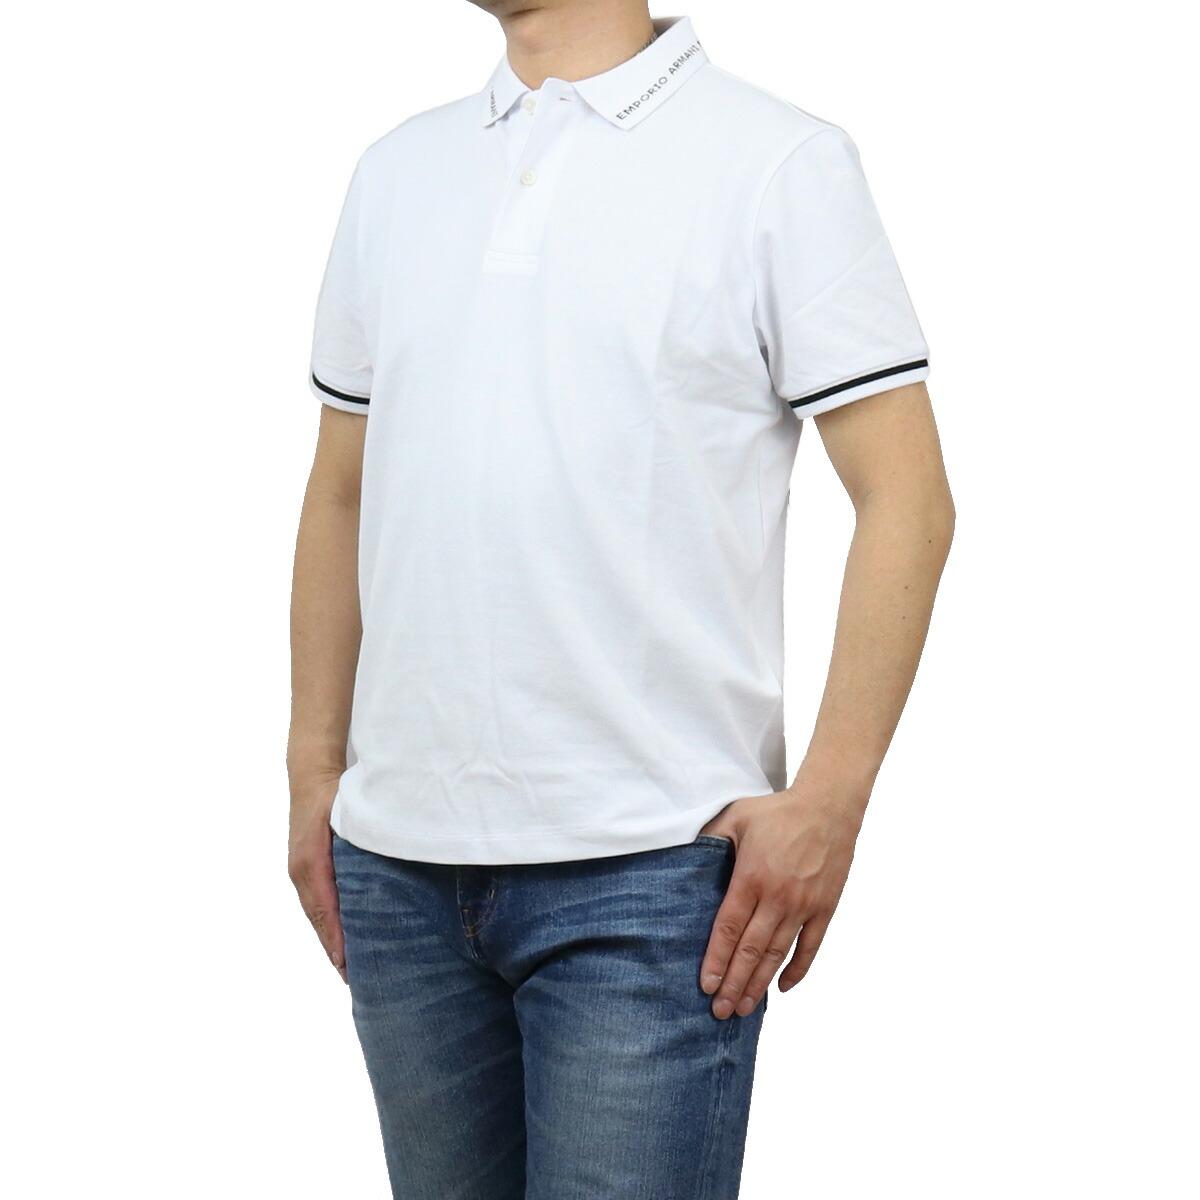 エンポリオ・アルマーニ EMPORIO ARMANI メンズ-ポロシャツ 3K1FA4 1JPTZ 0168 ホワイト系 bos-19 apparel-01 polo-01 メンズ